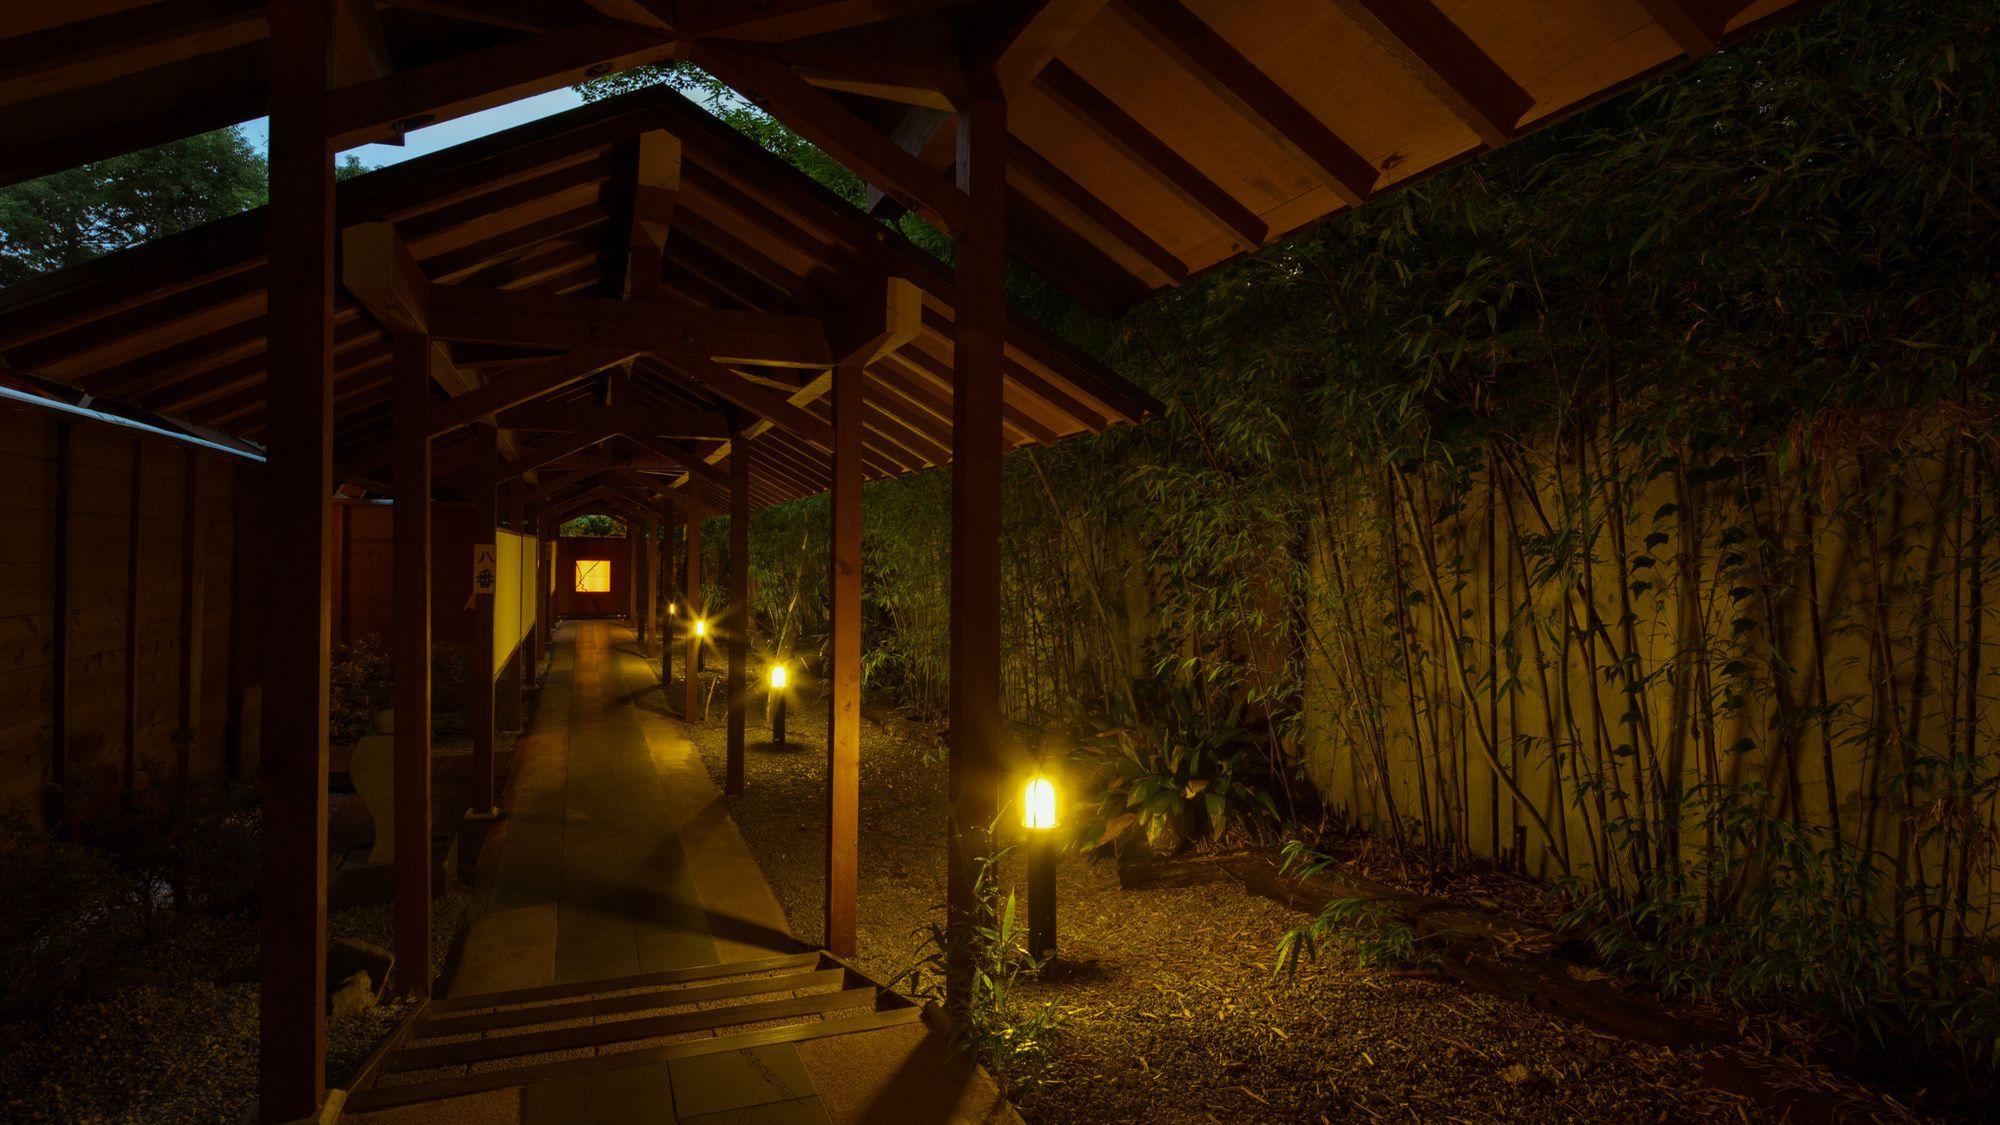 庭園を臨む 離れの貸切風呂「ほおずき亭」夕暮れ